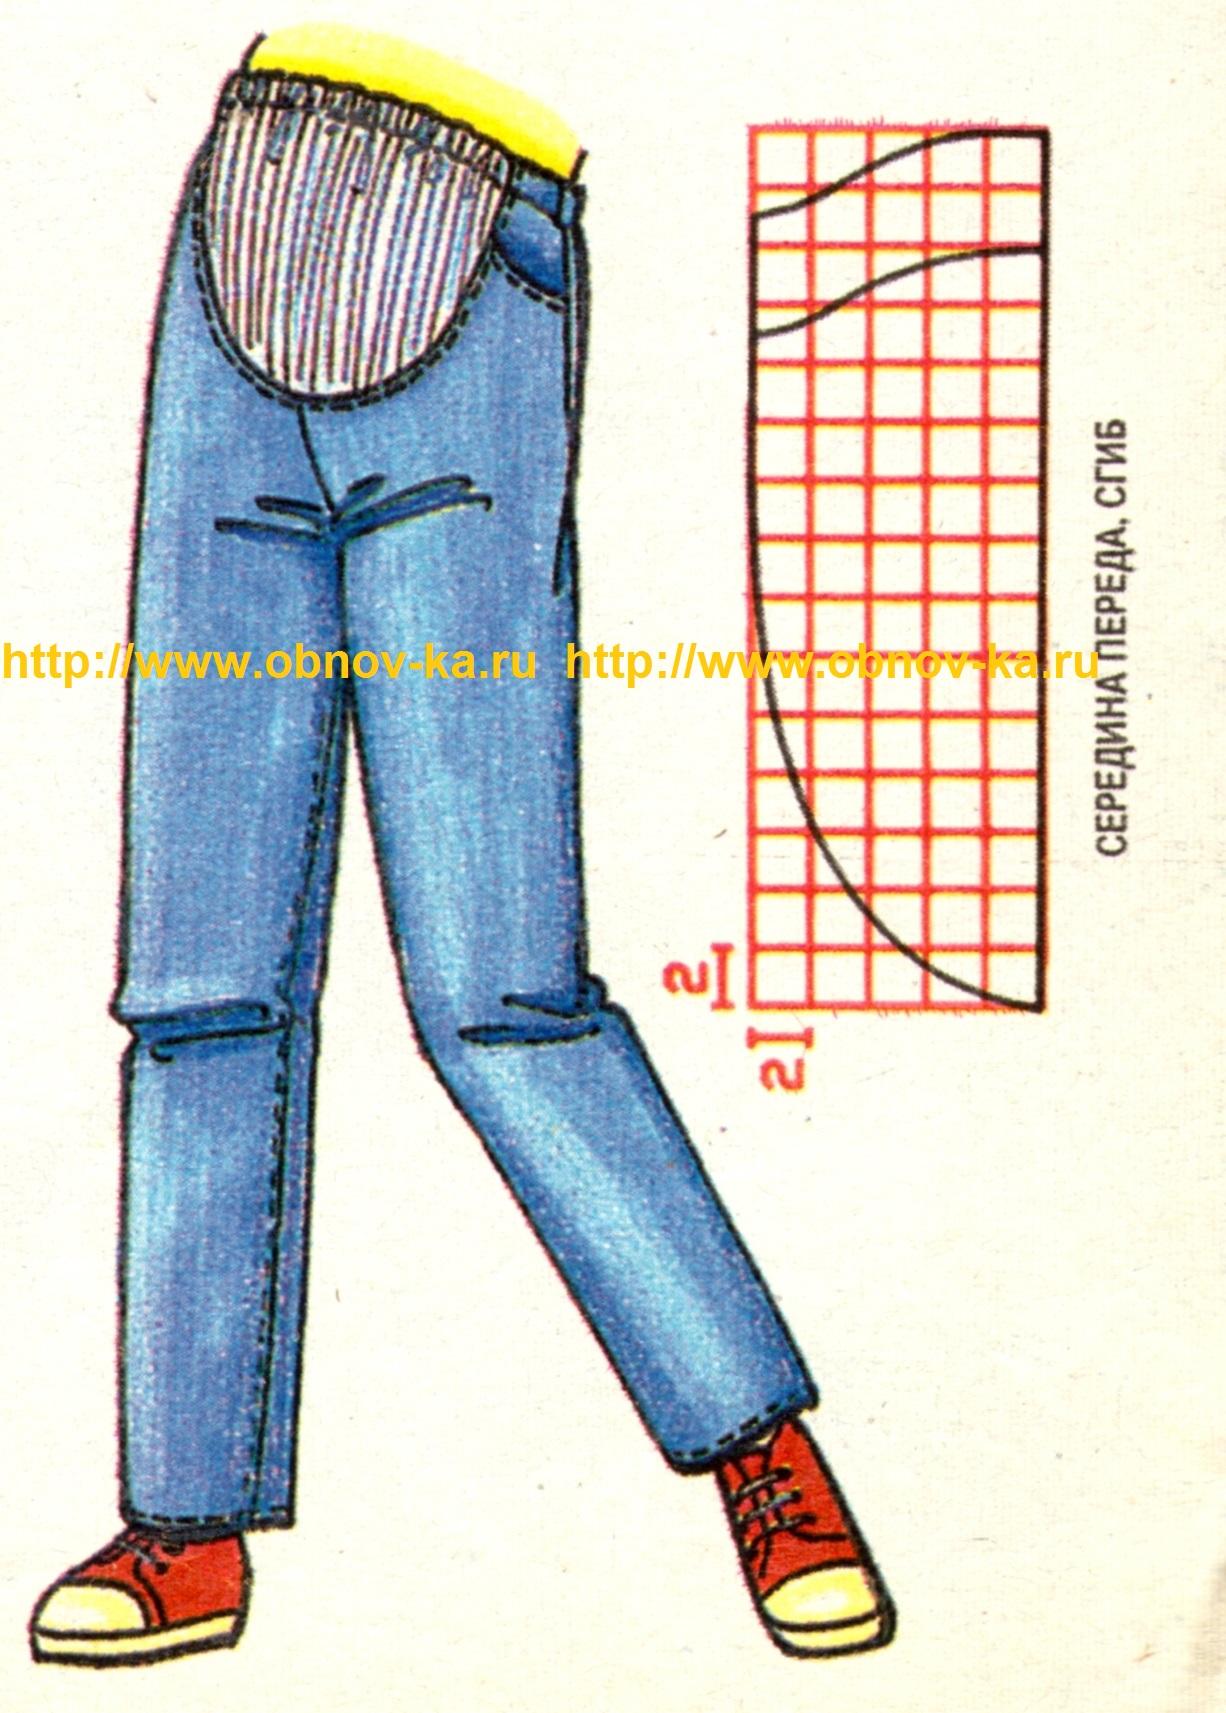 Выбираем брюки для беременных - фото, обзоры и отзывы 520